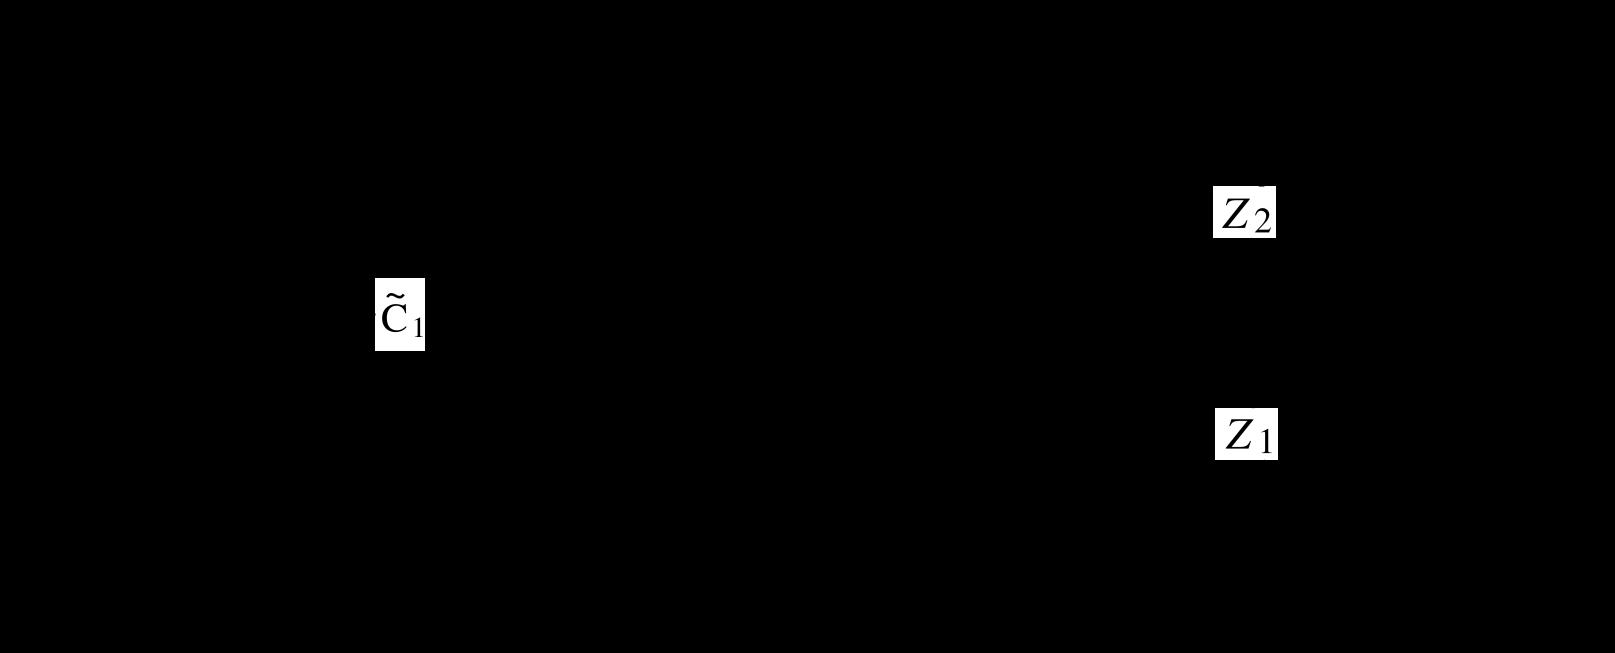 Conformal mapping of planar diagram